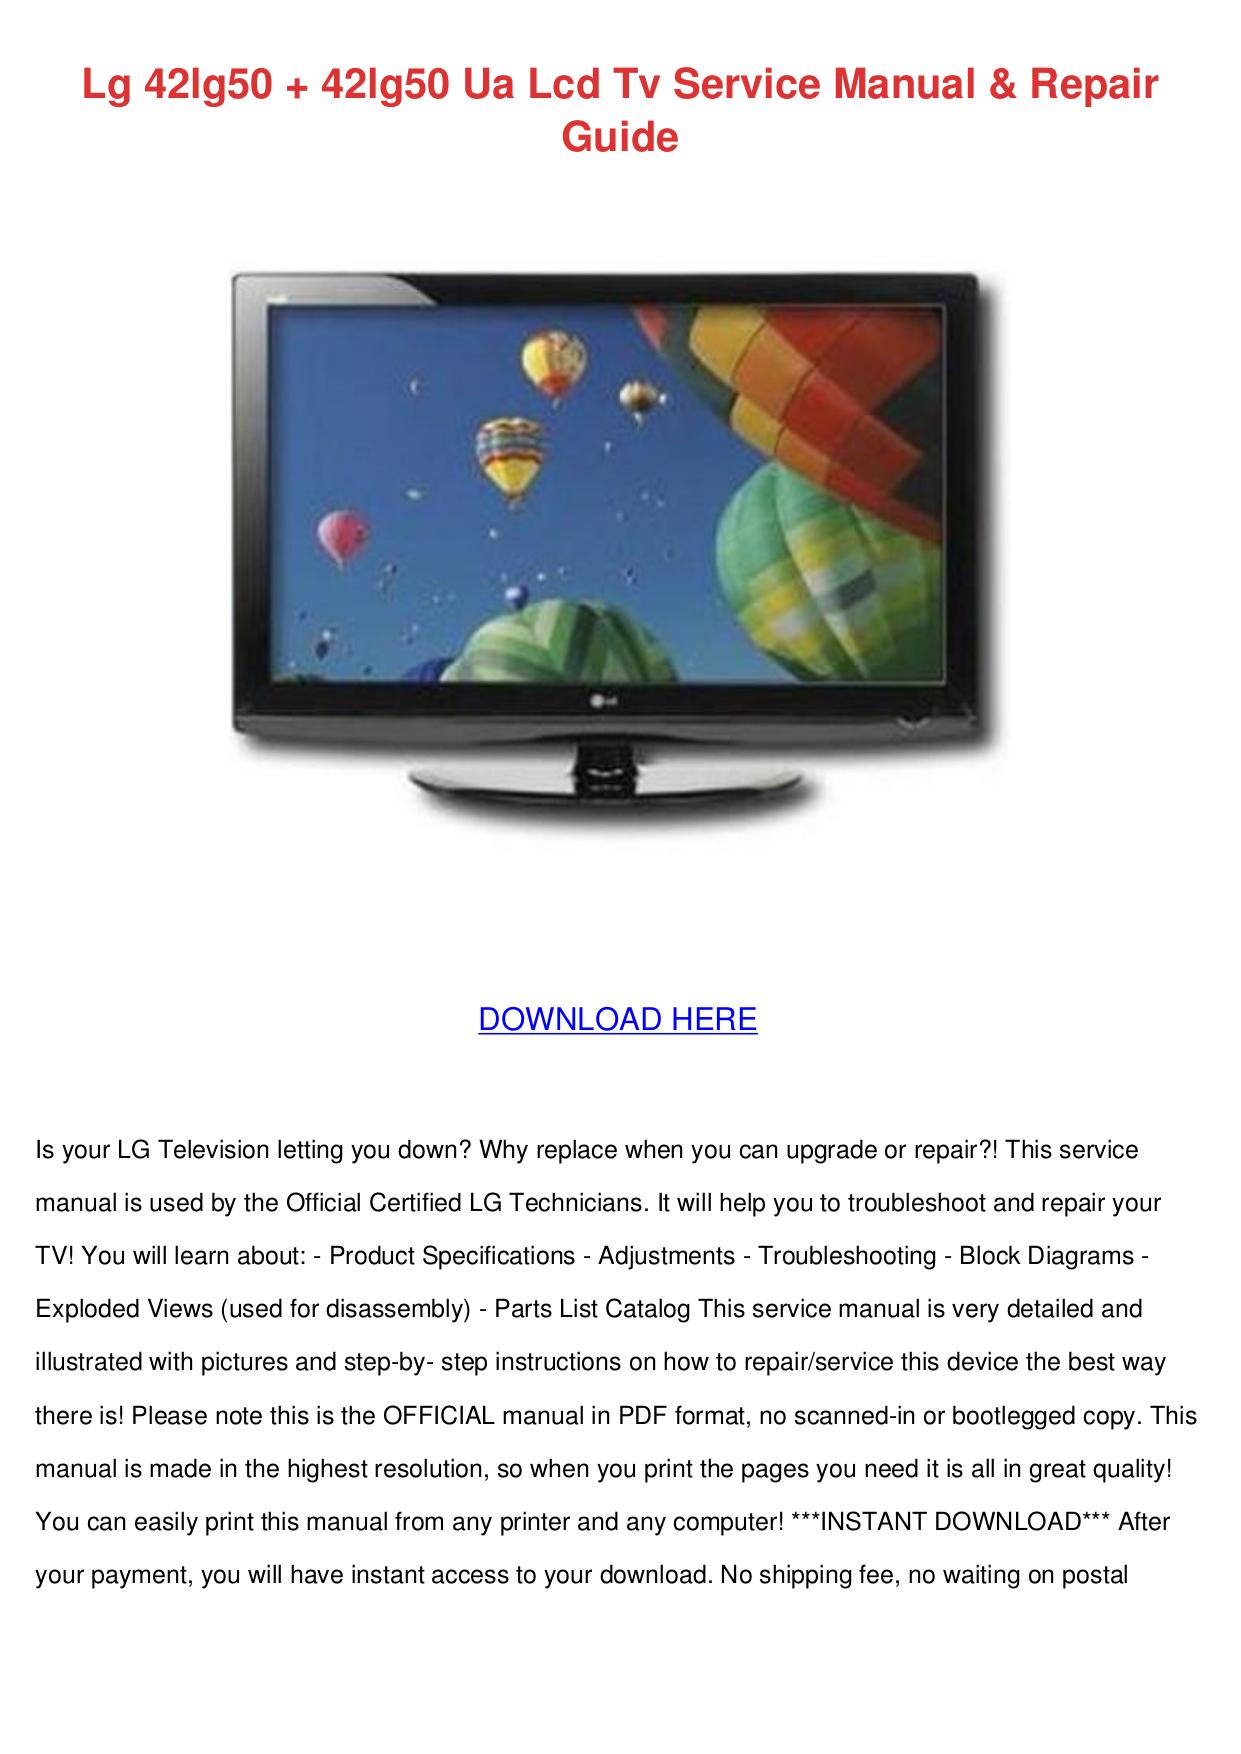 Download Free Pdf For Lg 42lg50 Tv Manual